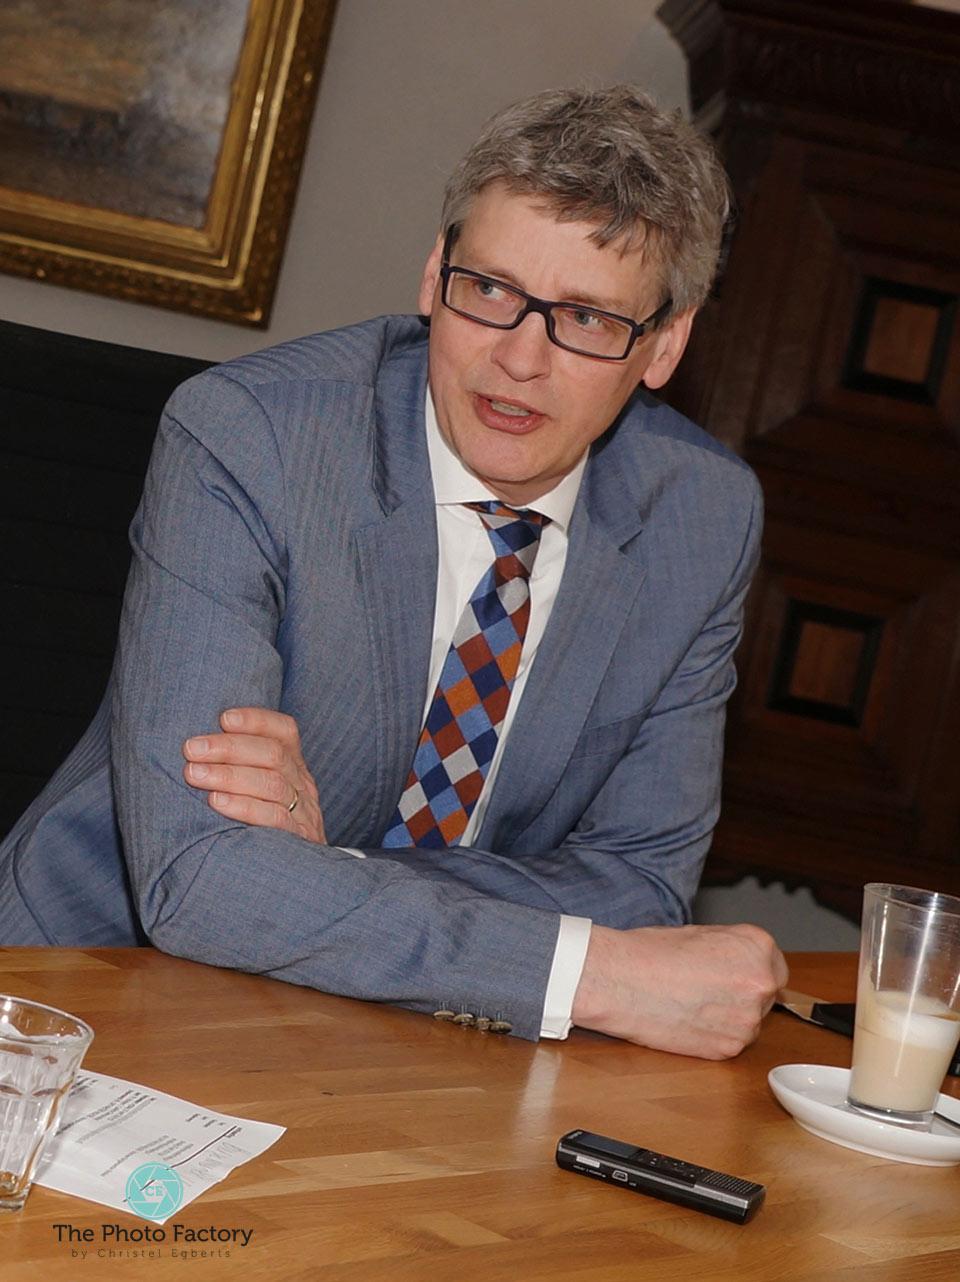 Lucas Bolsius burgemeester van Amersfoort